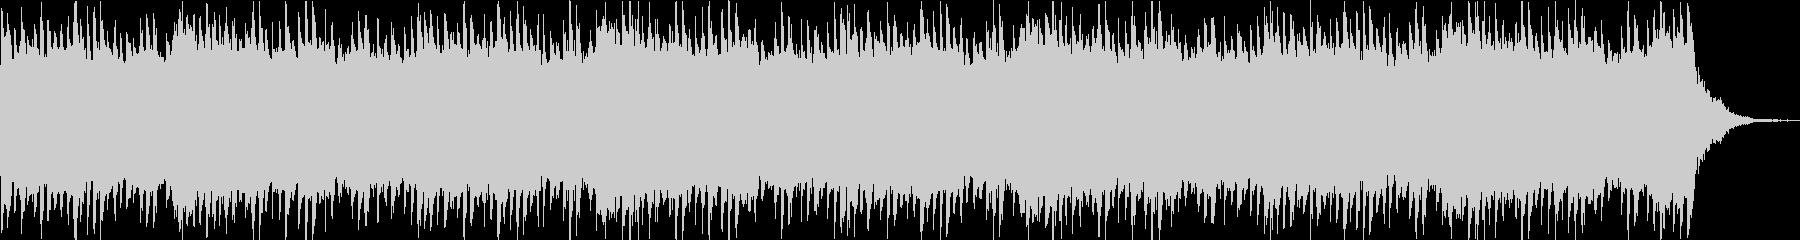 ホラー/ミステリー系 不気味なピアノ曲の未再生の波形